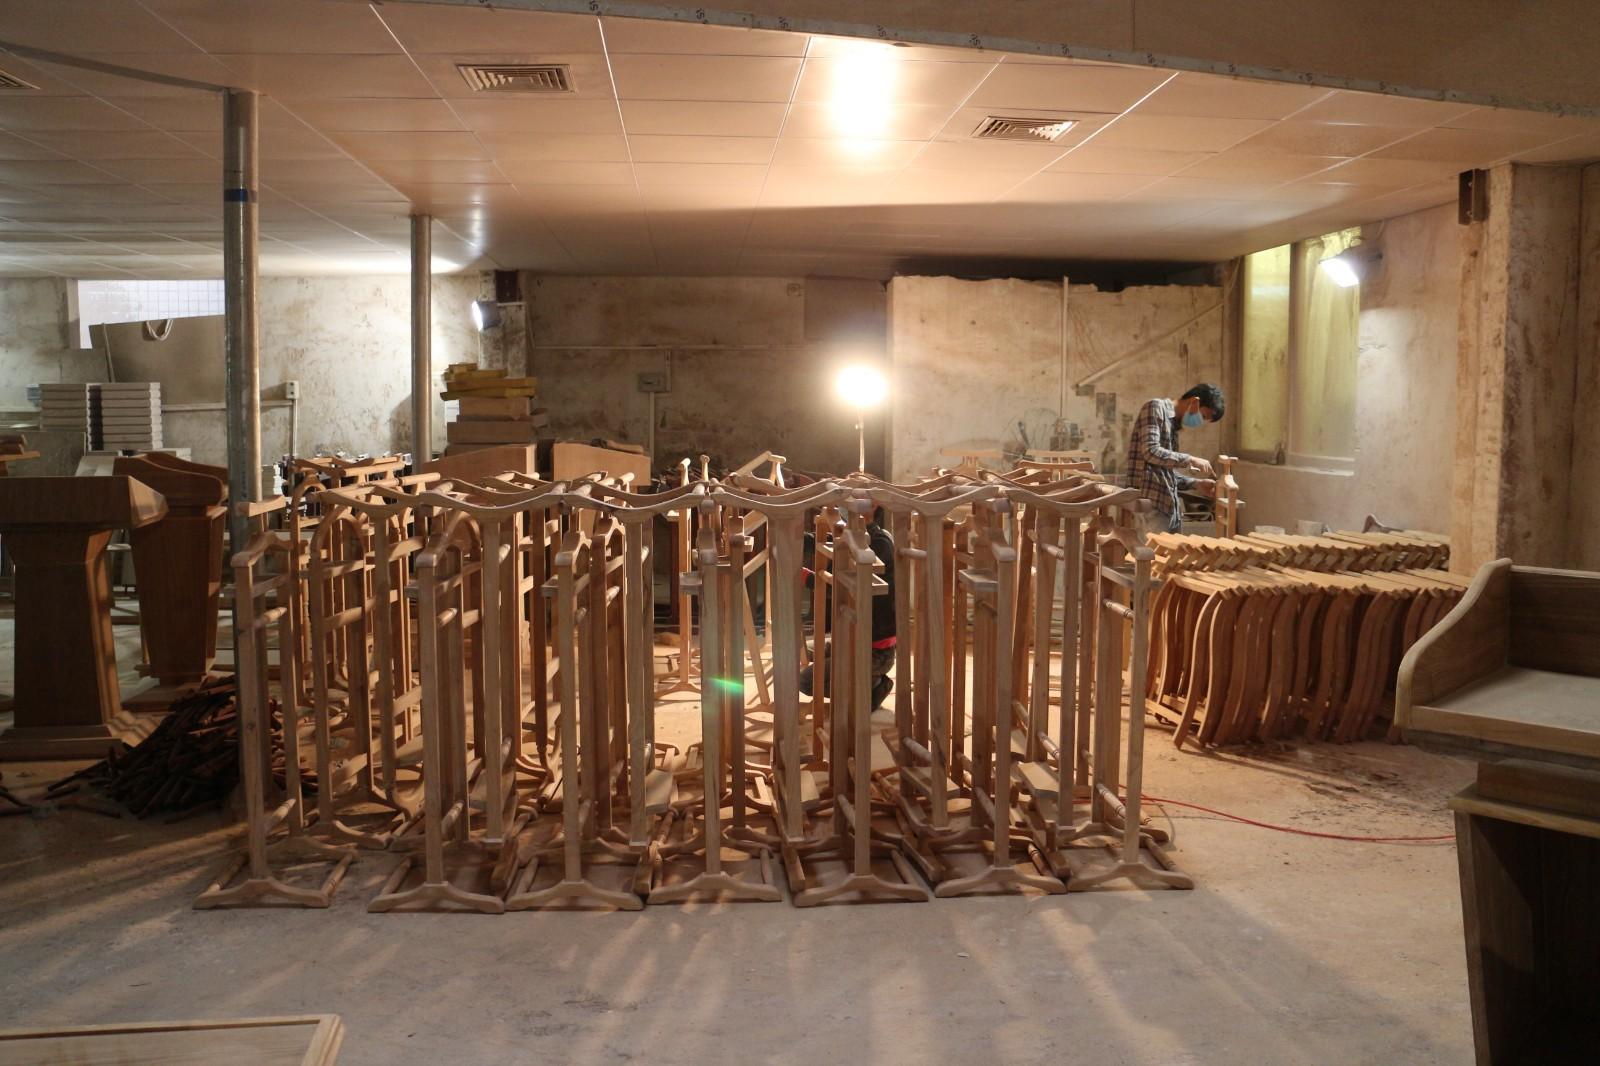 Fenghe-Coat Hook Rack Factory, Wooden Coat Rack Stand | Fenghe-3